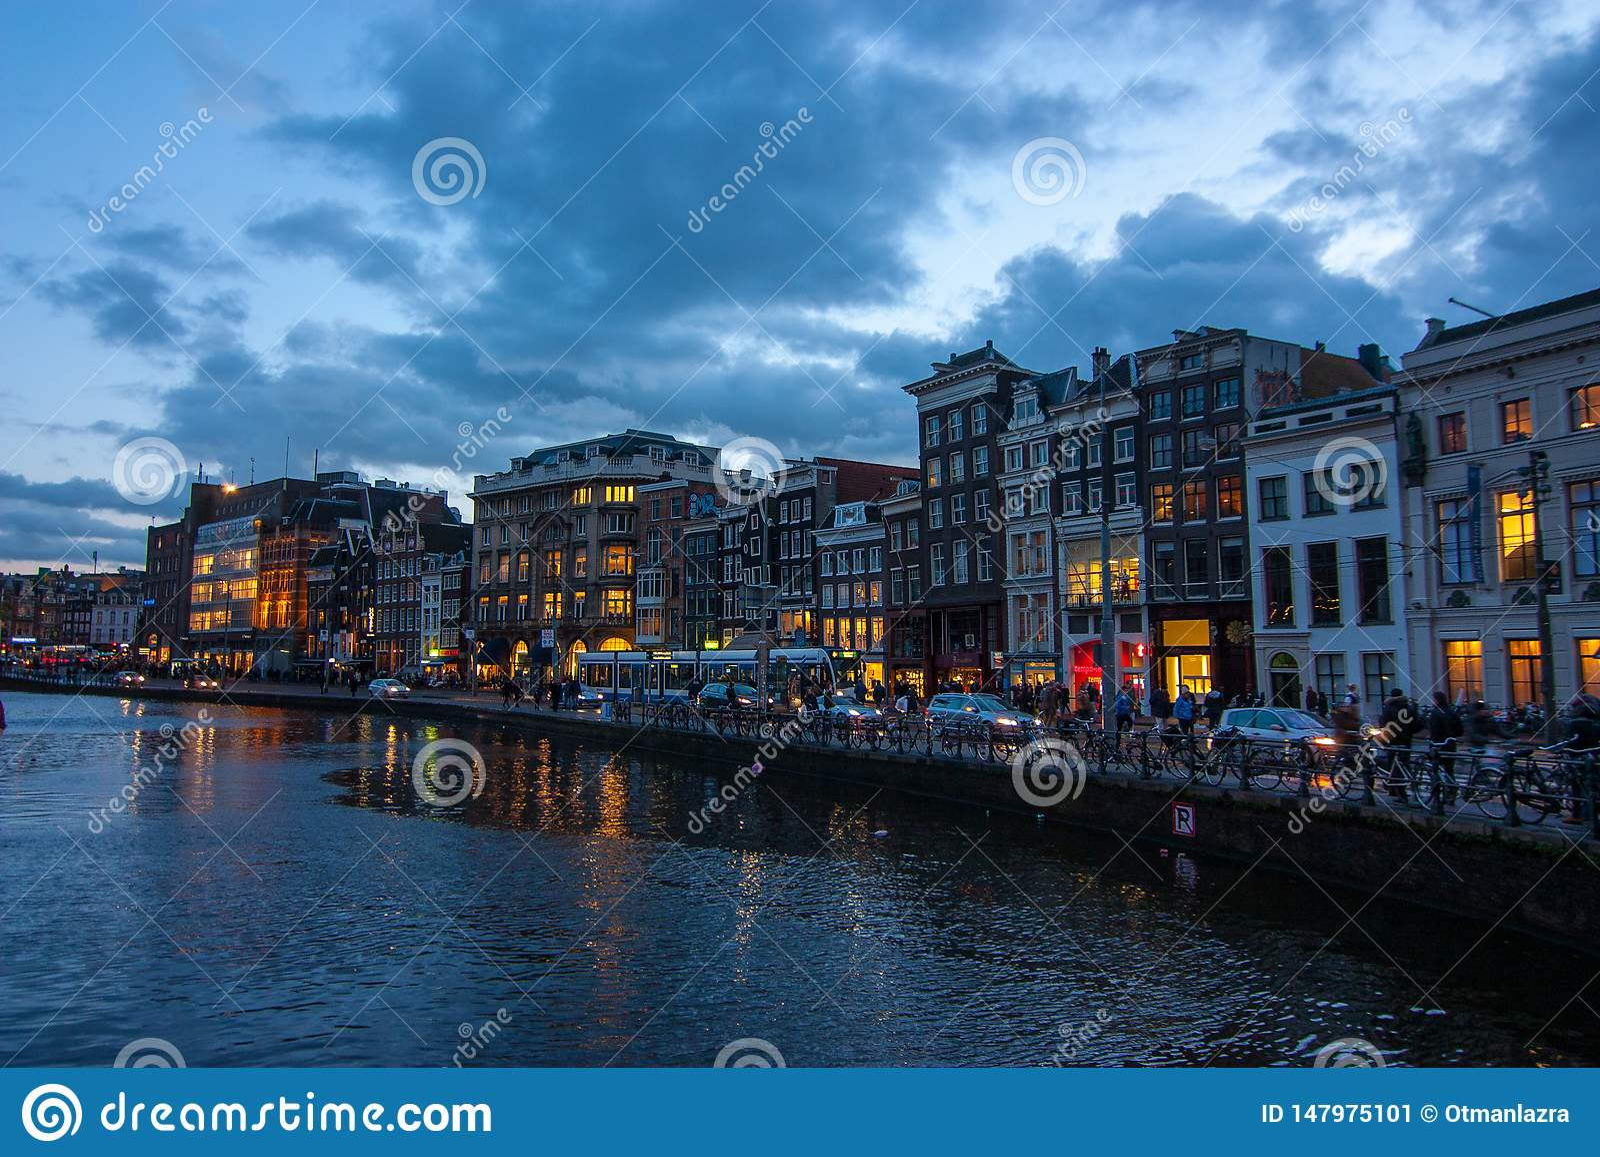 Traditionelle Kanalhäuser auf dem Damrak an der Dämmerung in Amsterdam